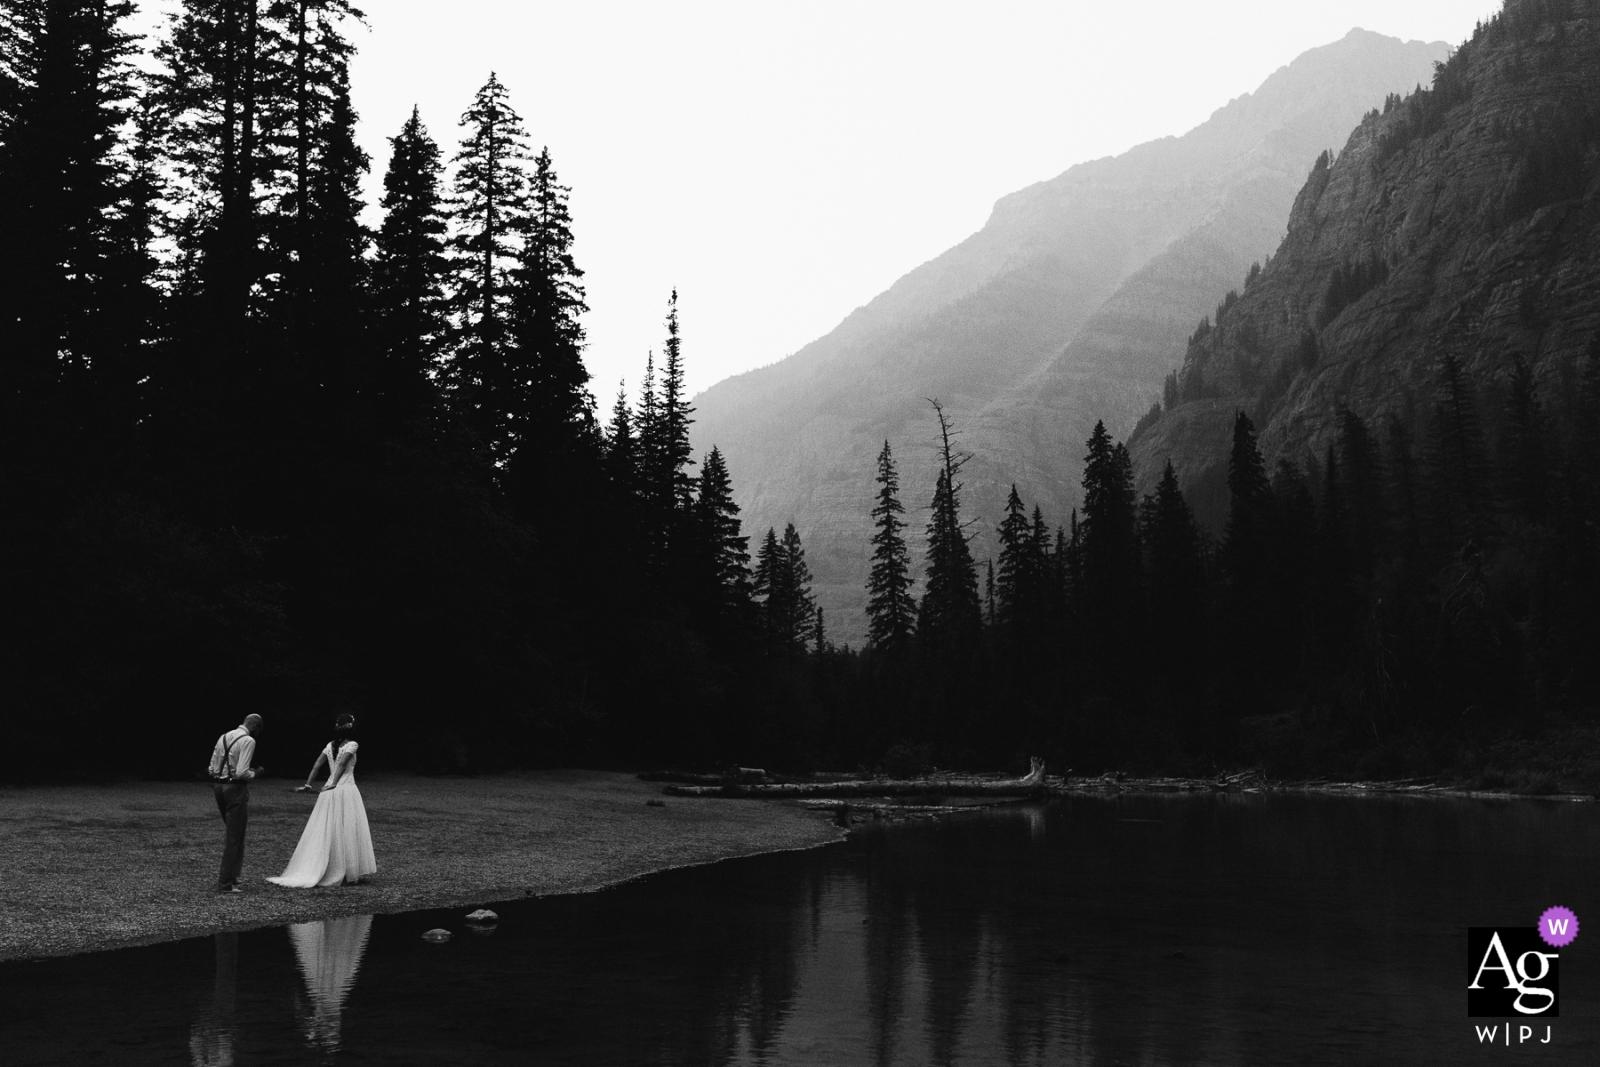 Retrato de pareja del día de boda de Montana en blanco y negro con lago, árboles y montañas